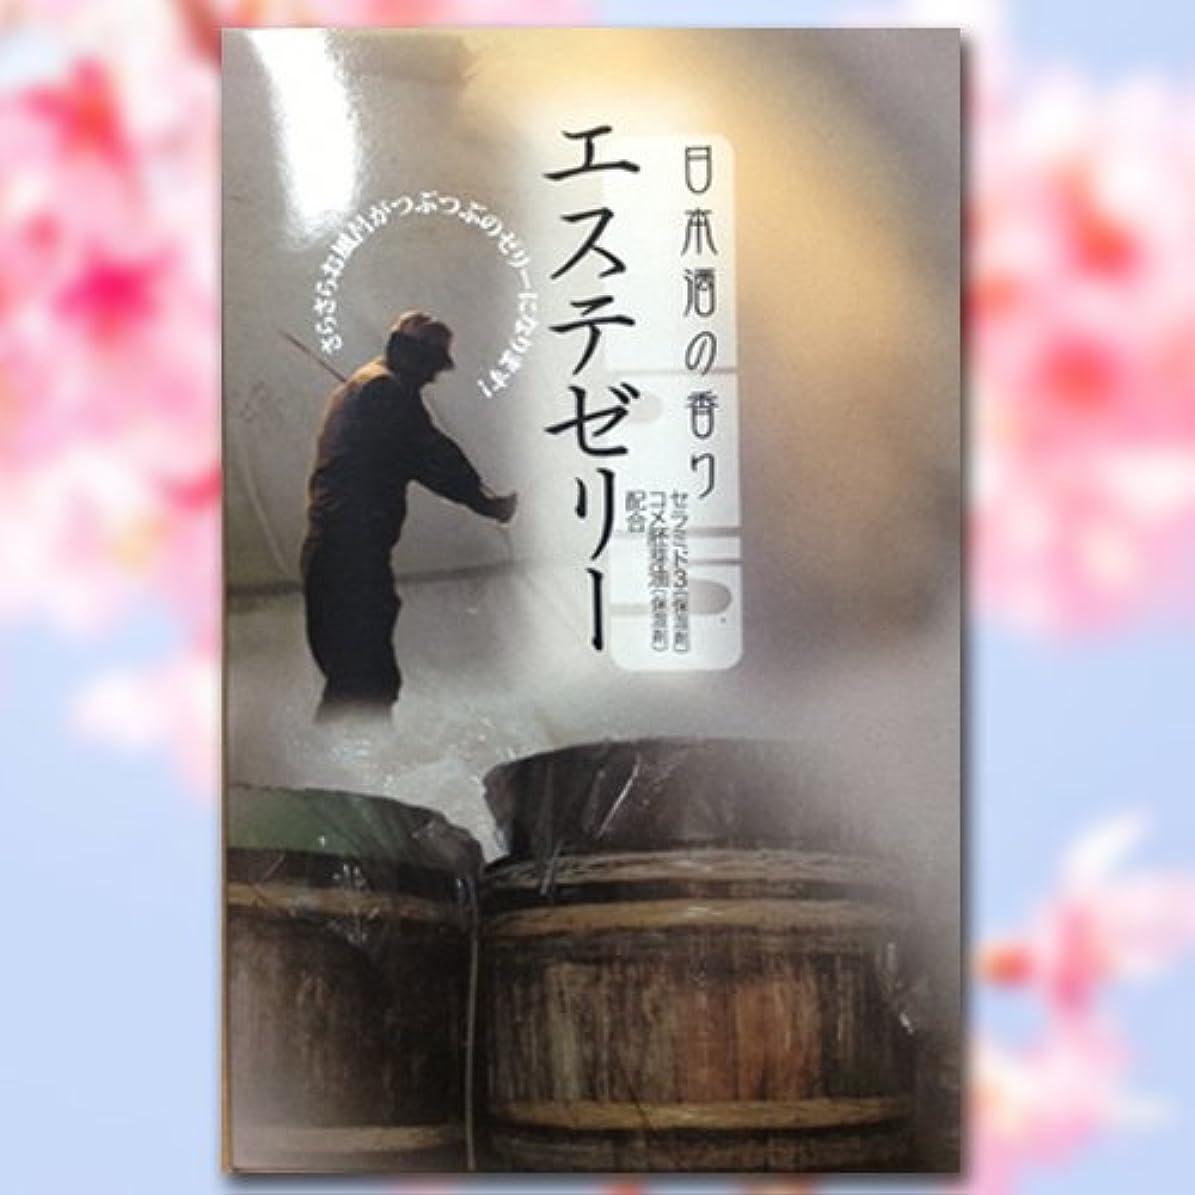 憎しみ新着神秘【2個セット】Esthe Jelly エステゼリー 日本酒の香り (入浴剤)